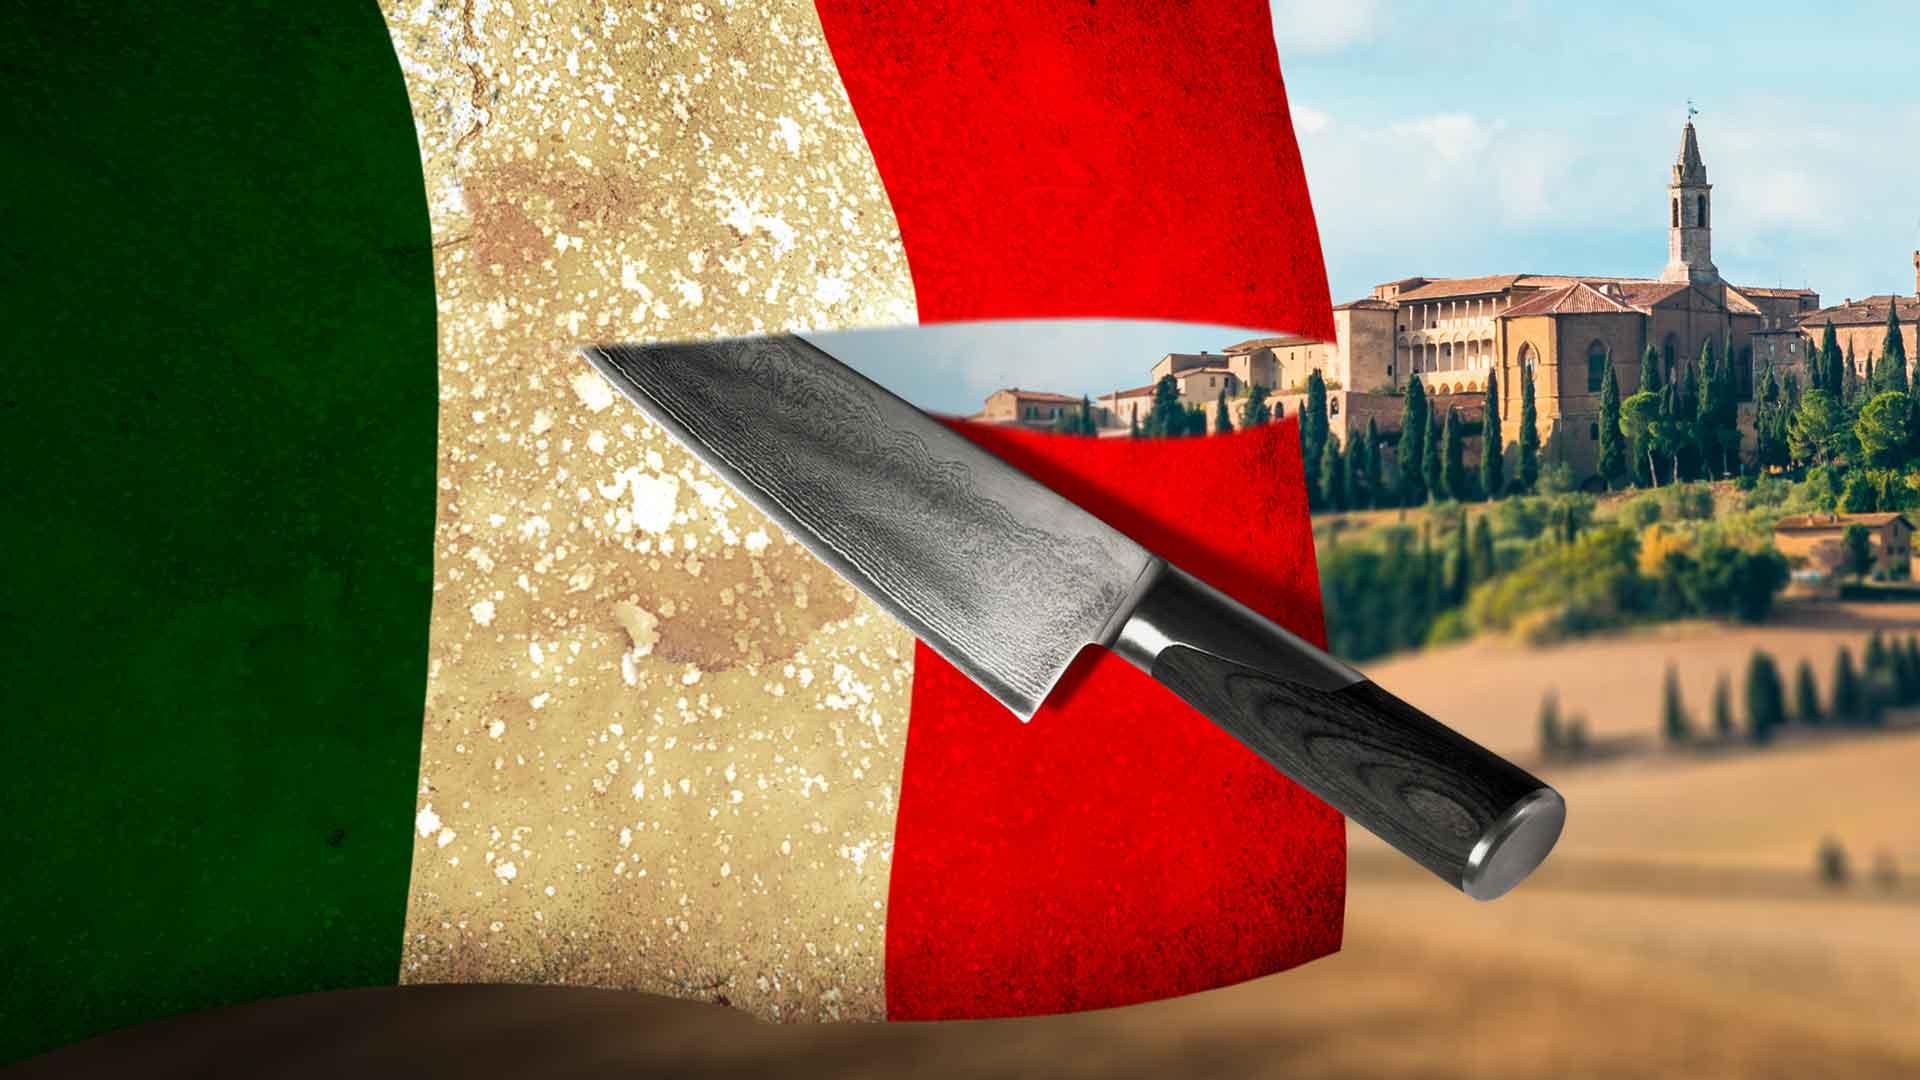 Italien 2014: Ein ganzer Jahrgang unter dem Fallbeil?